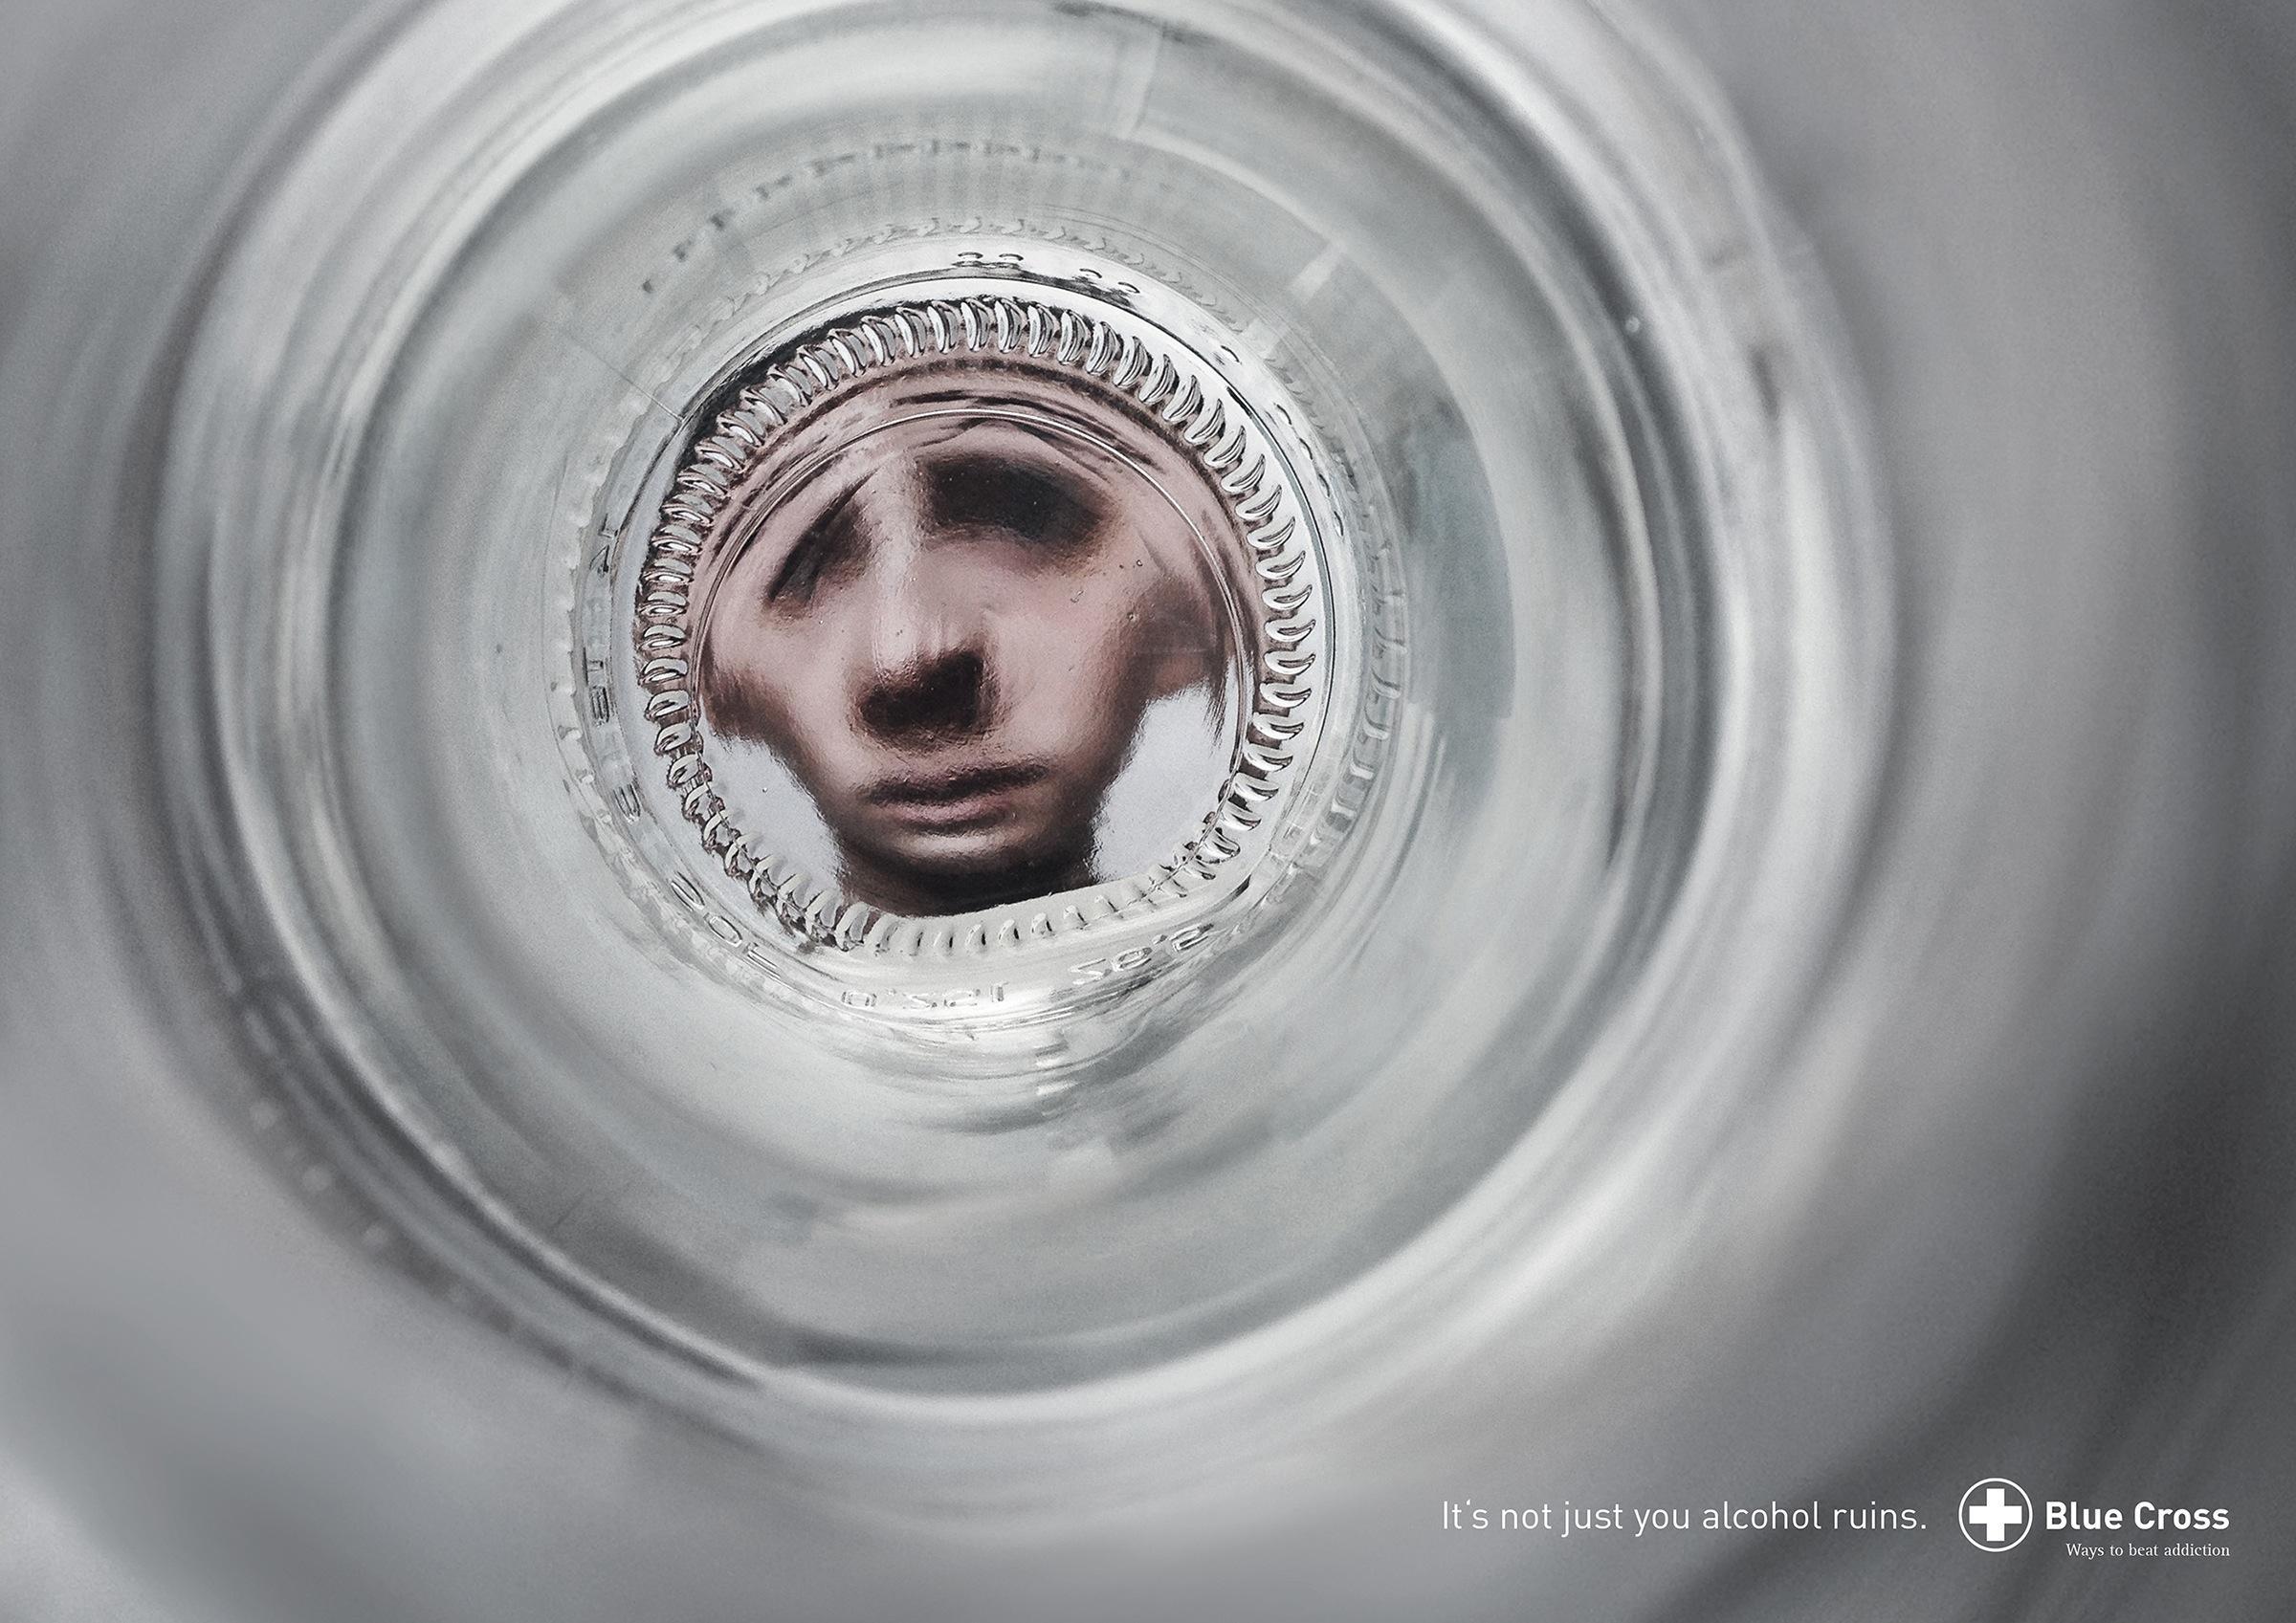 Blue Cross Print Ad -  Bottle Faces - Sad